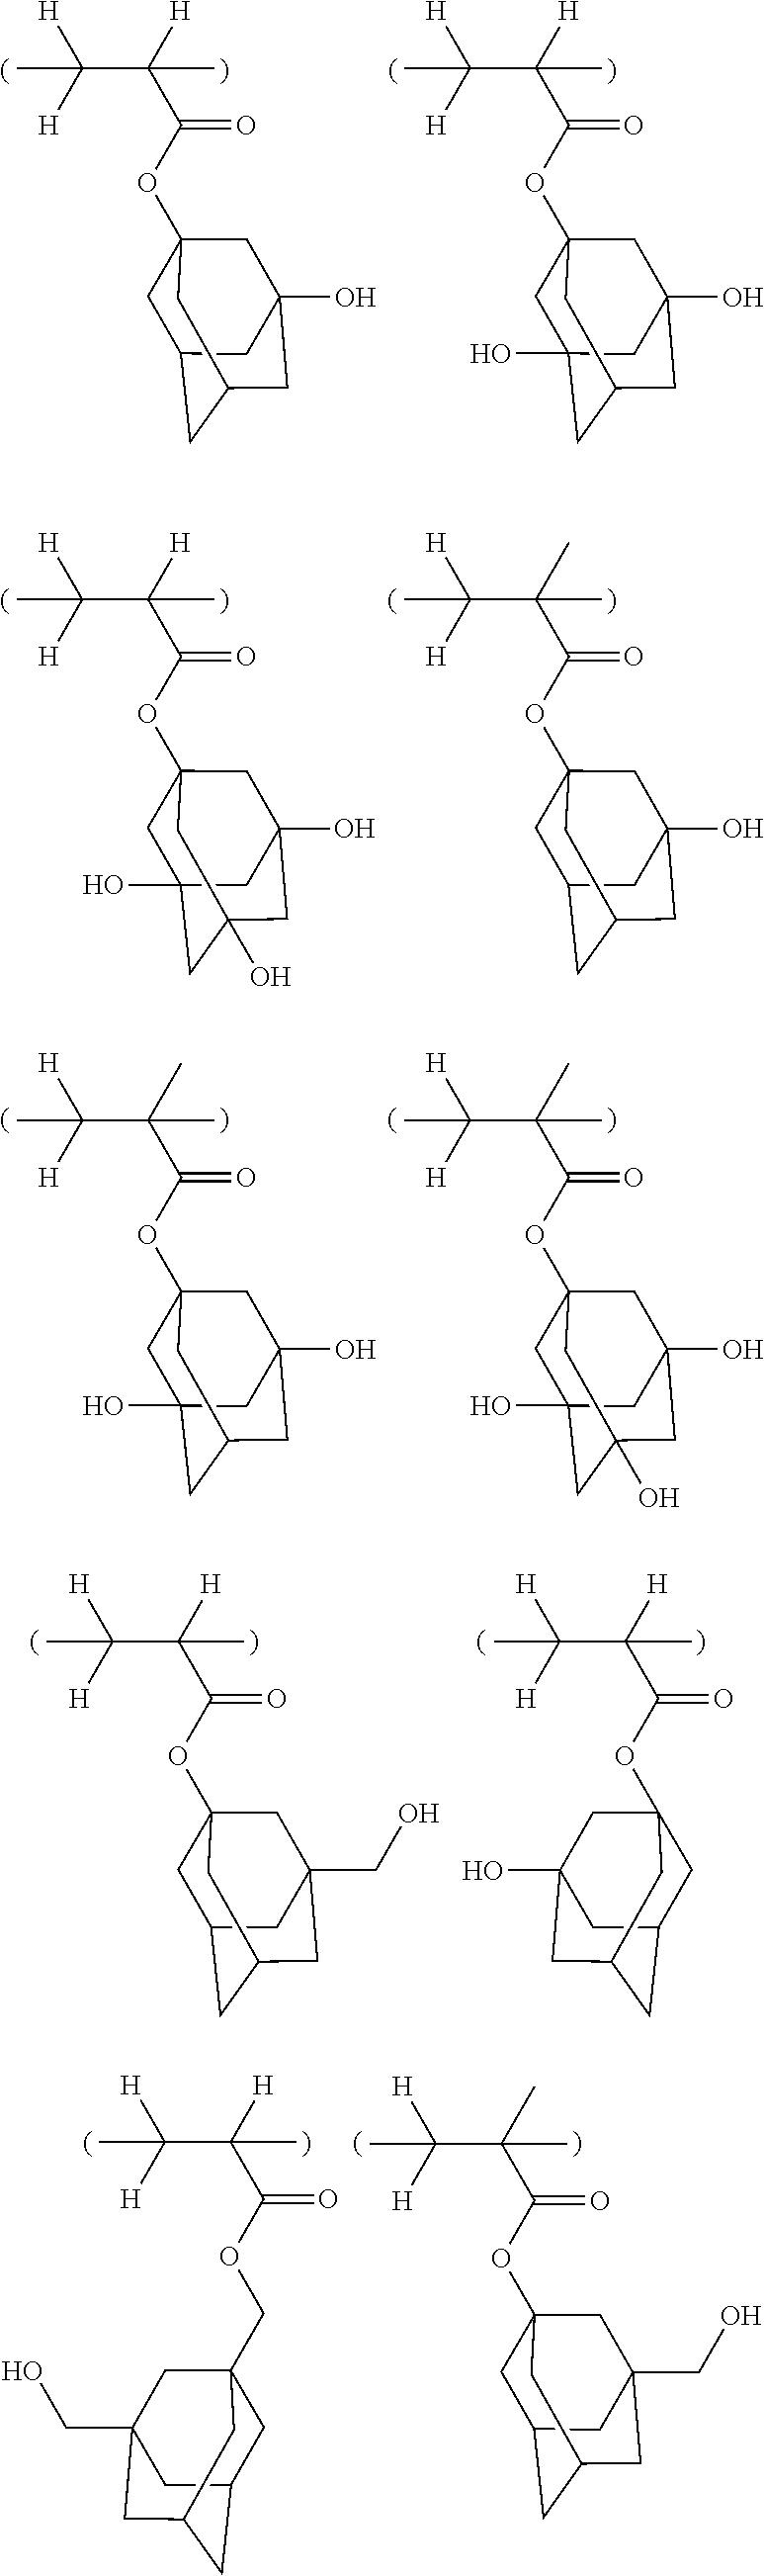 Figure US08900793-20141202-C00055